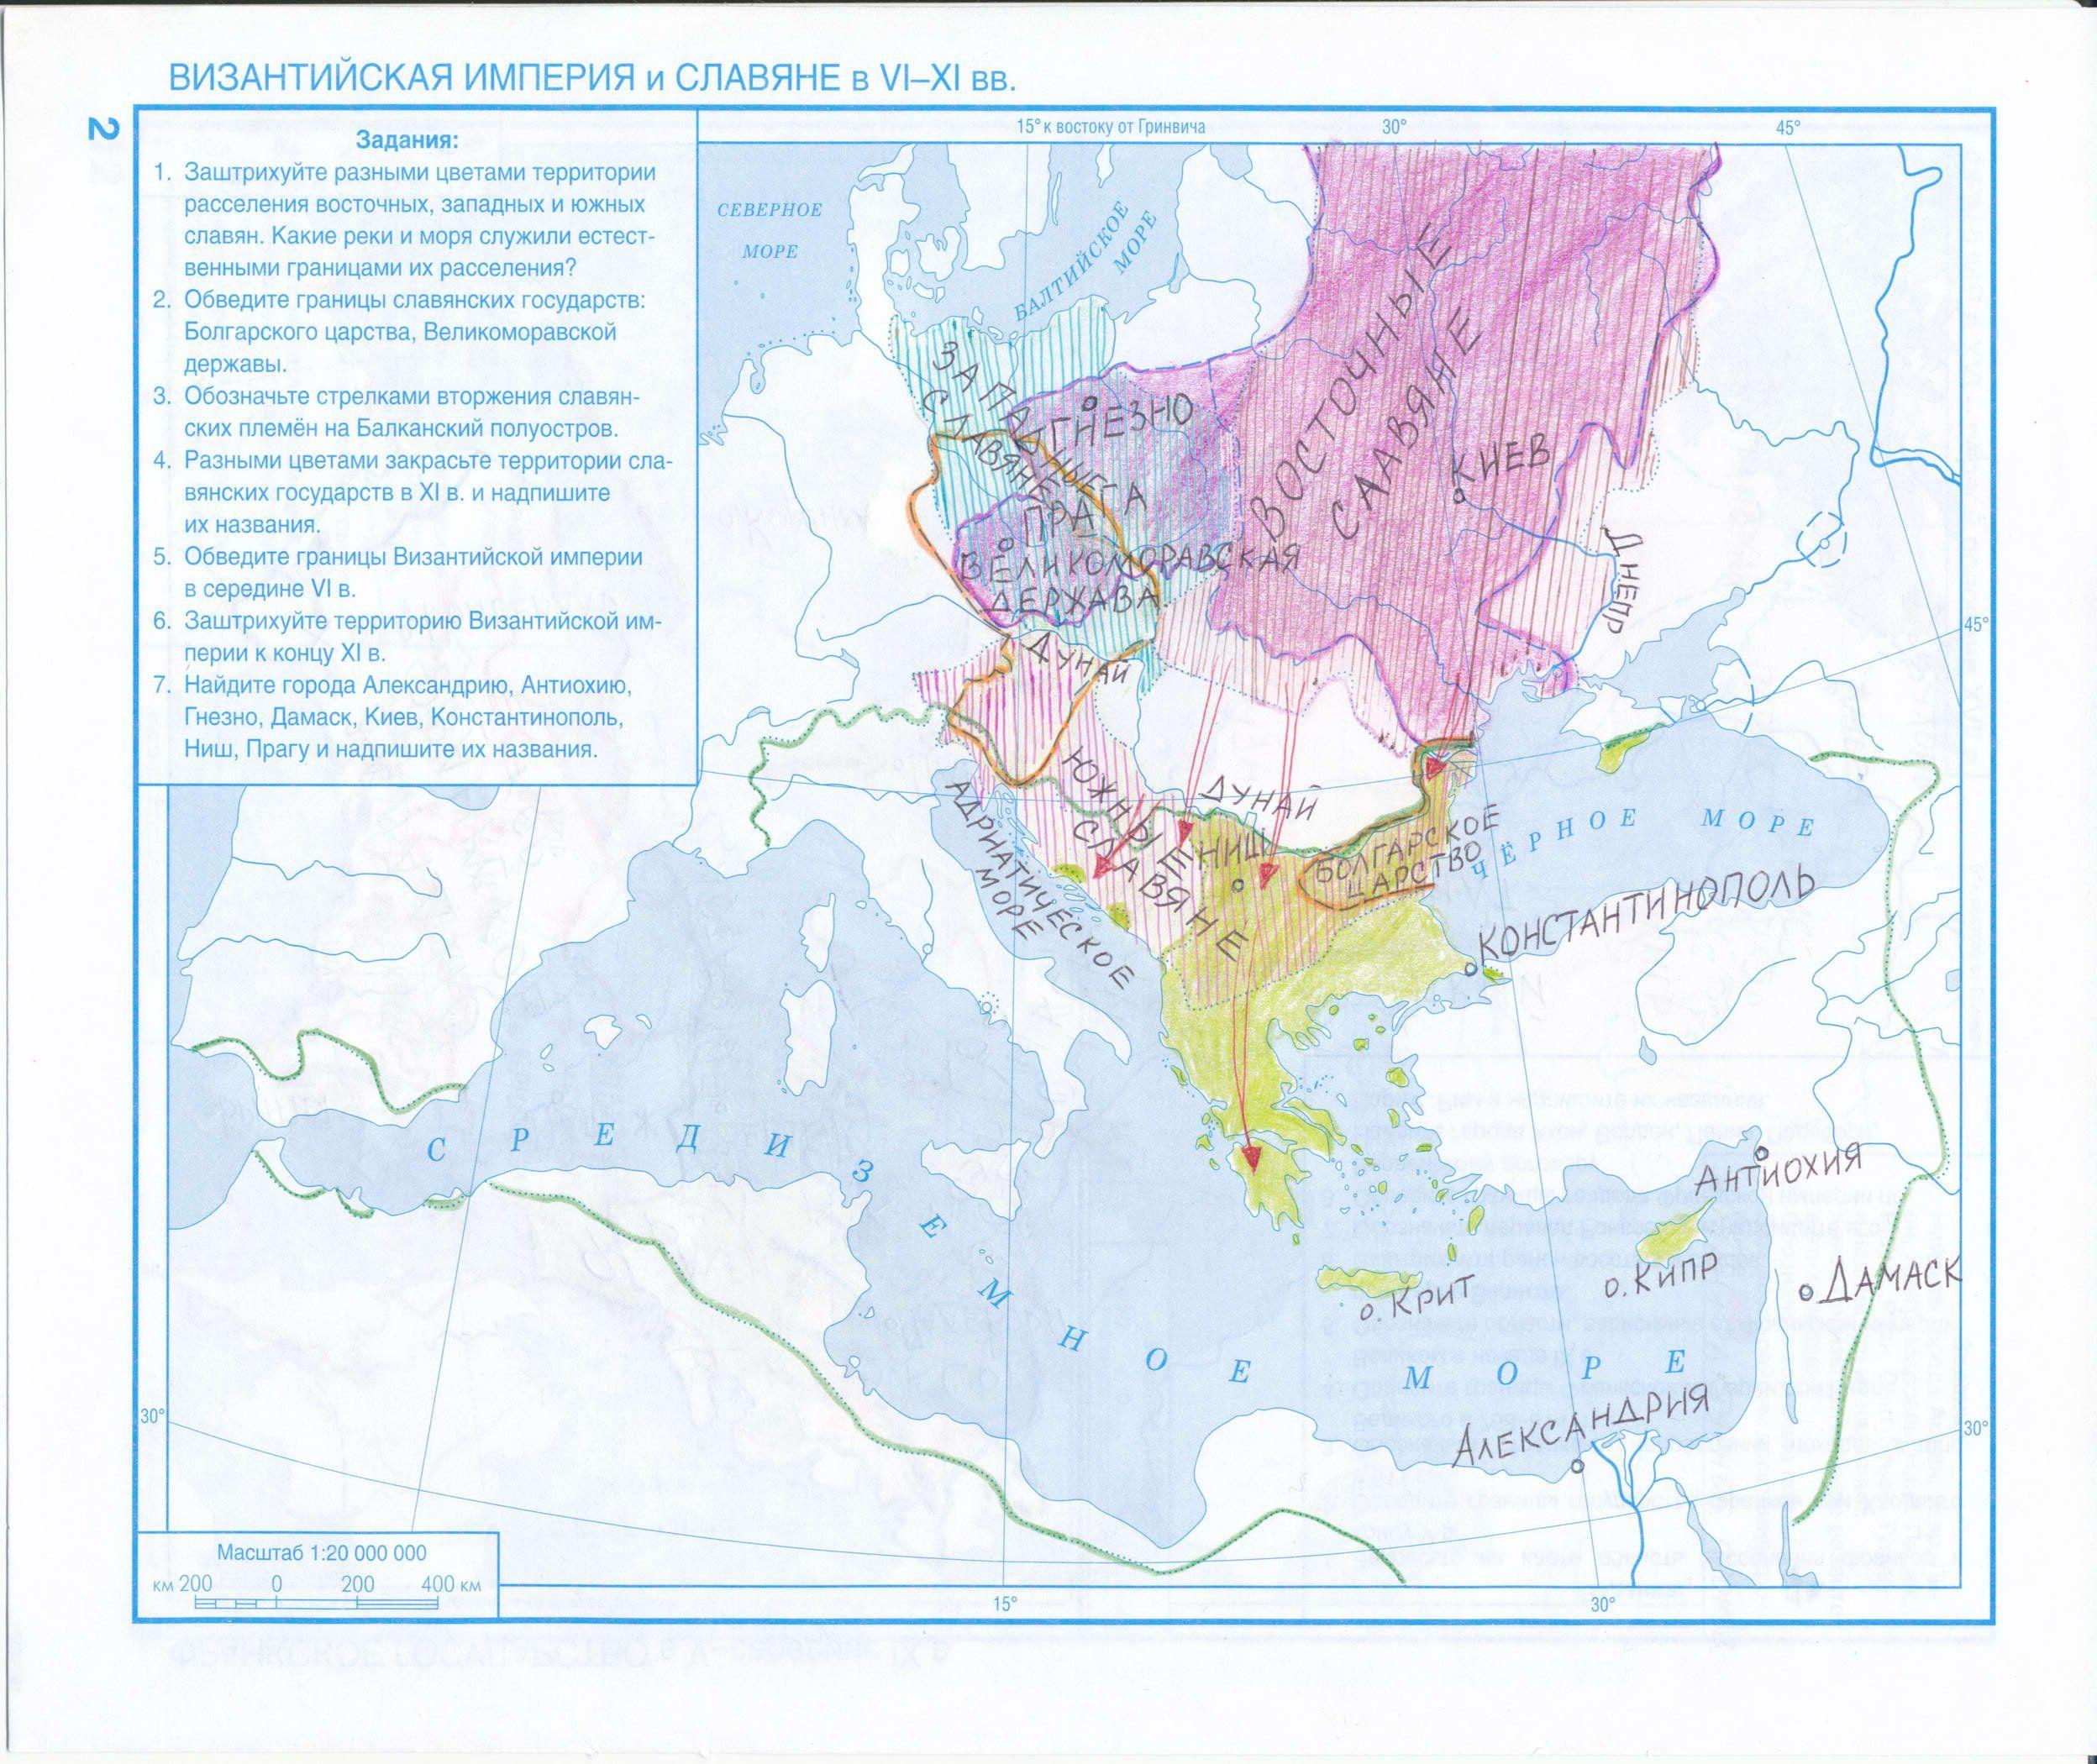 Гдз по контурным карта истории украины 9 класс